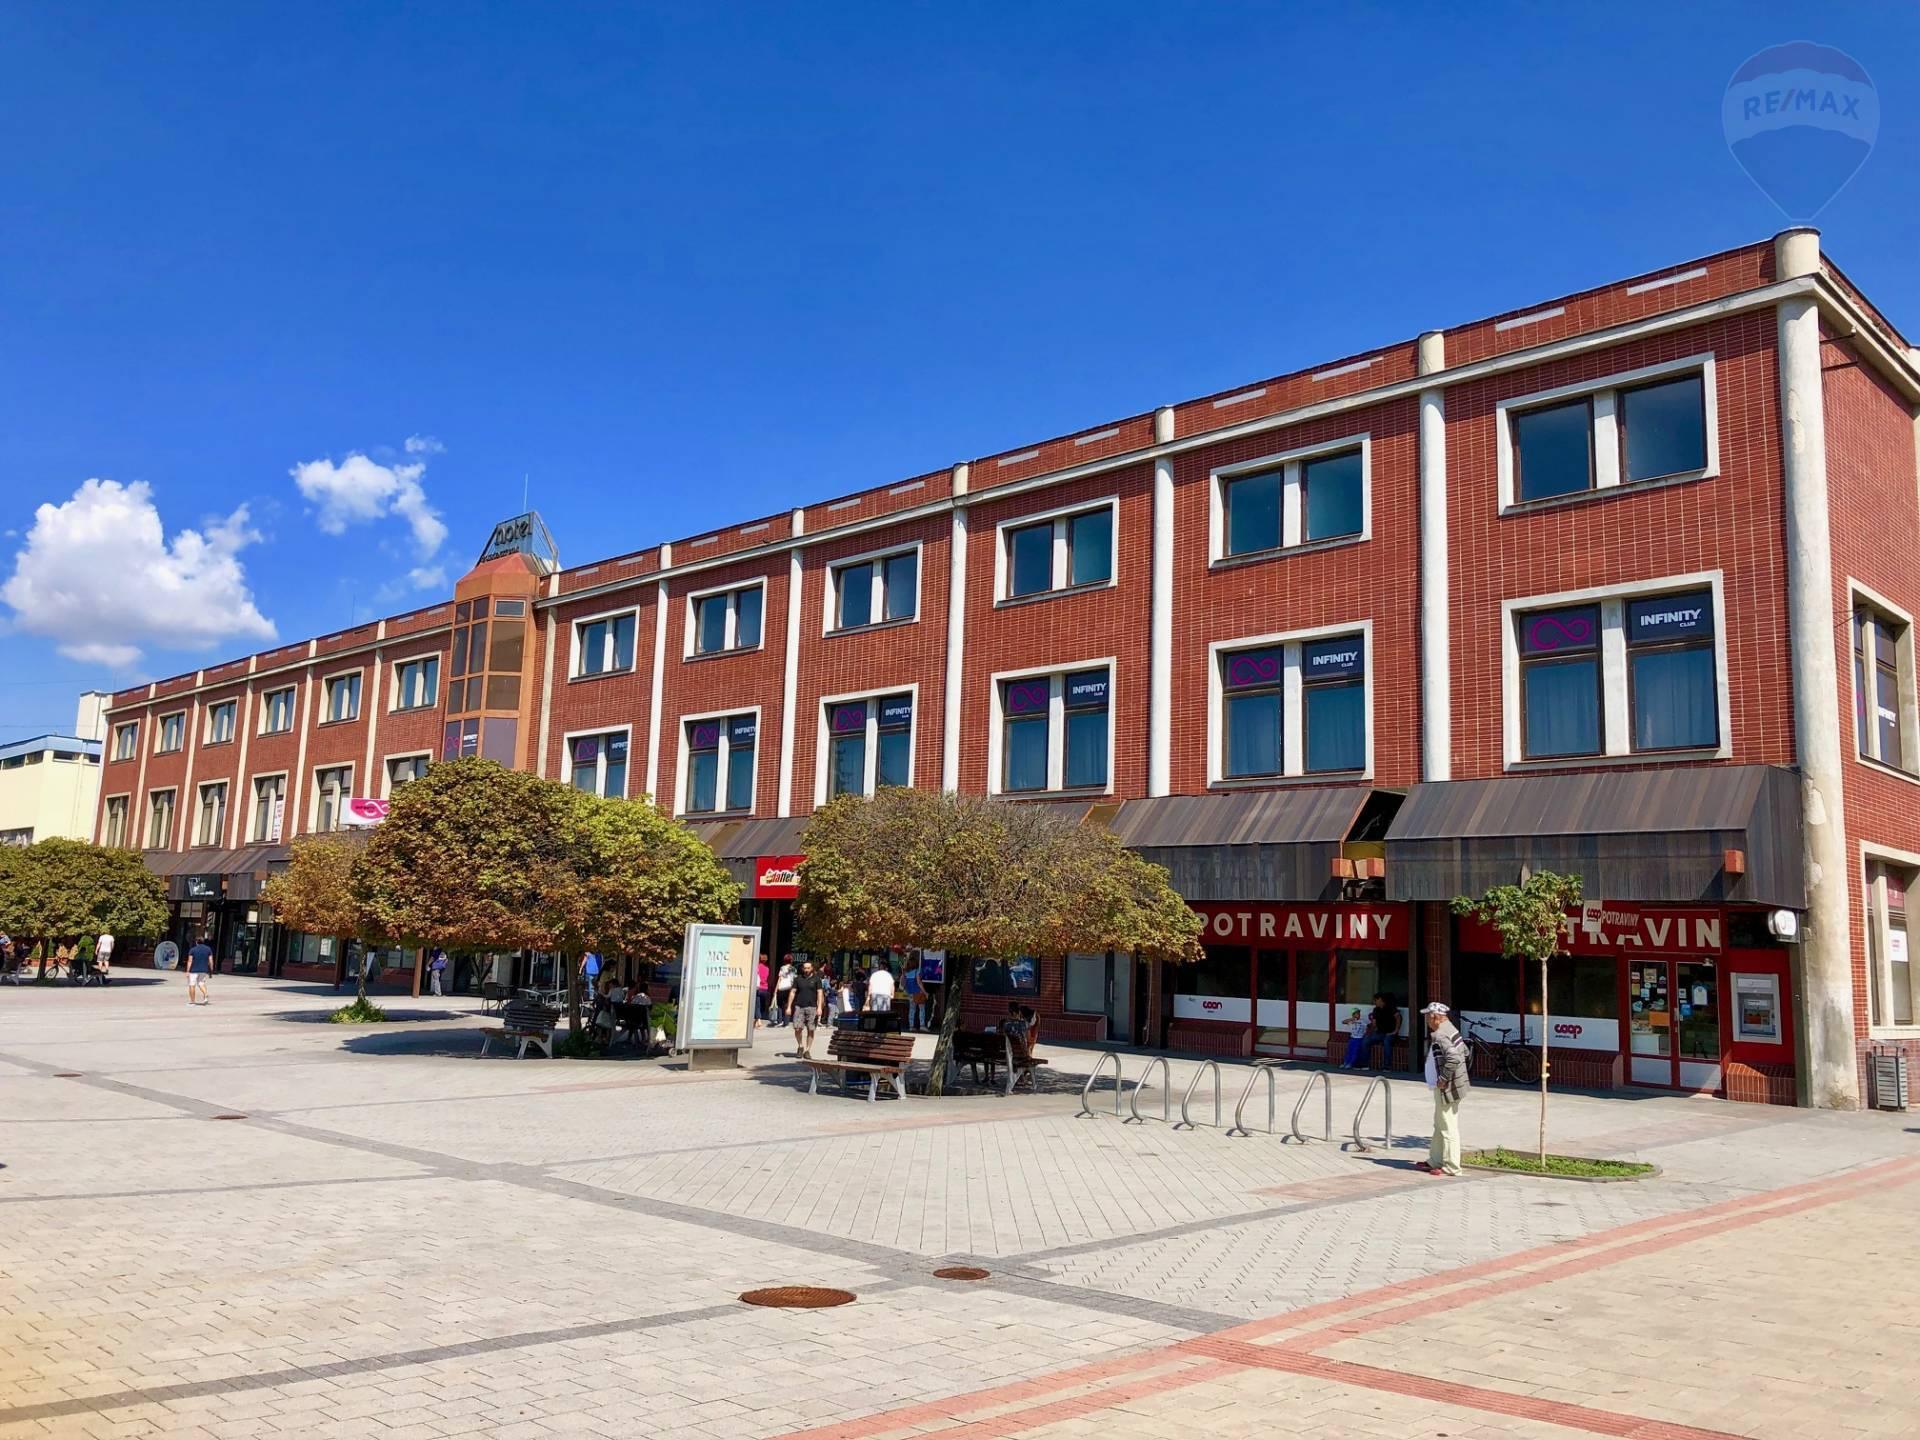 Na prenájom - komerčný priestor, predajňa Partizánske centrum